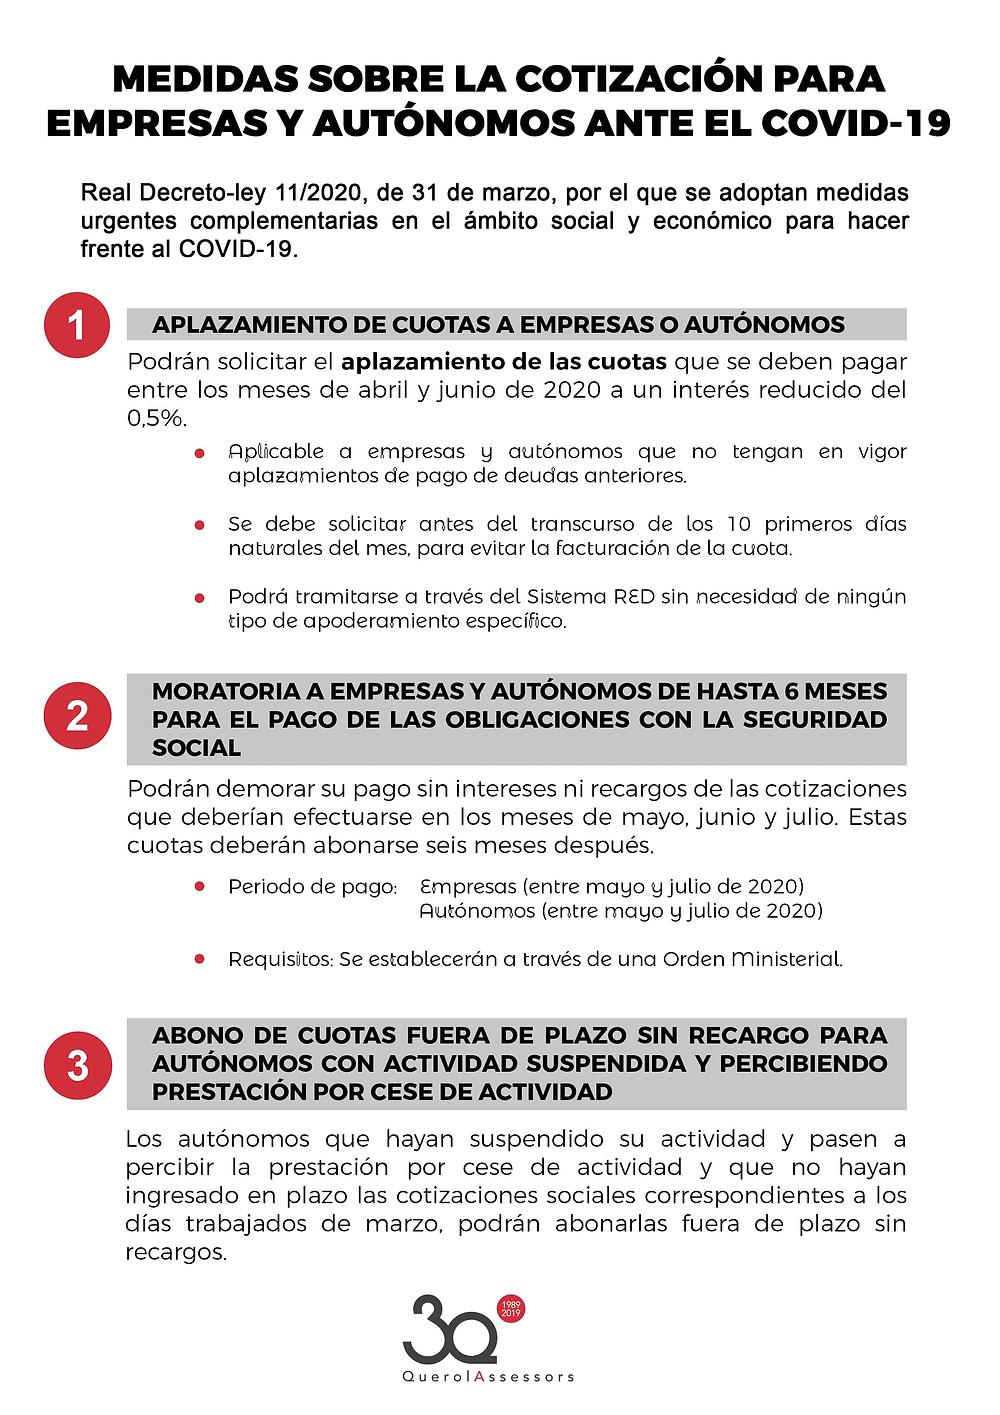 cotizacion seguridad social covid19